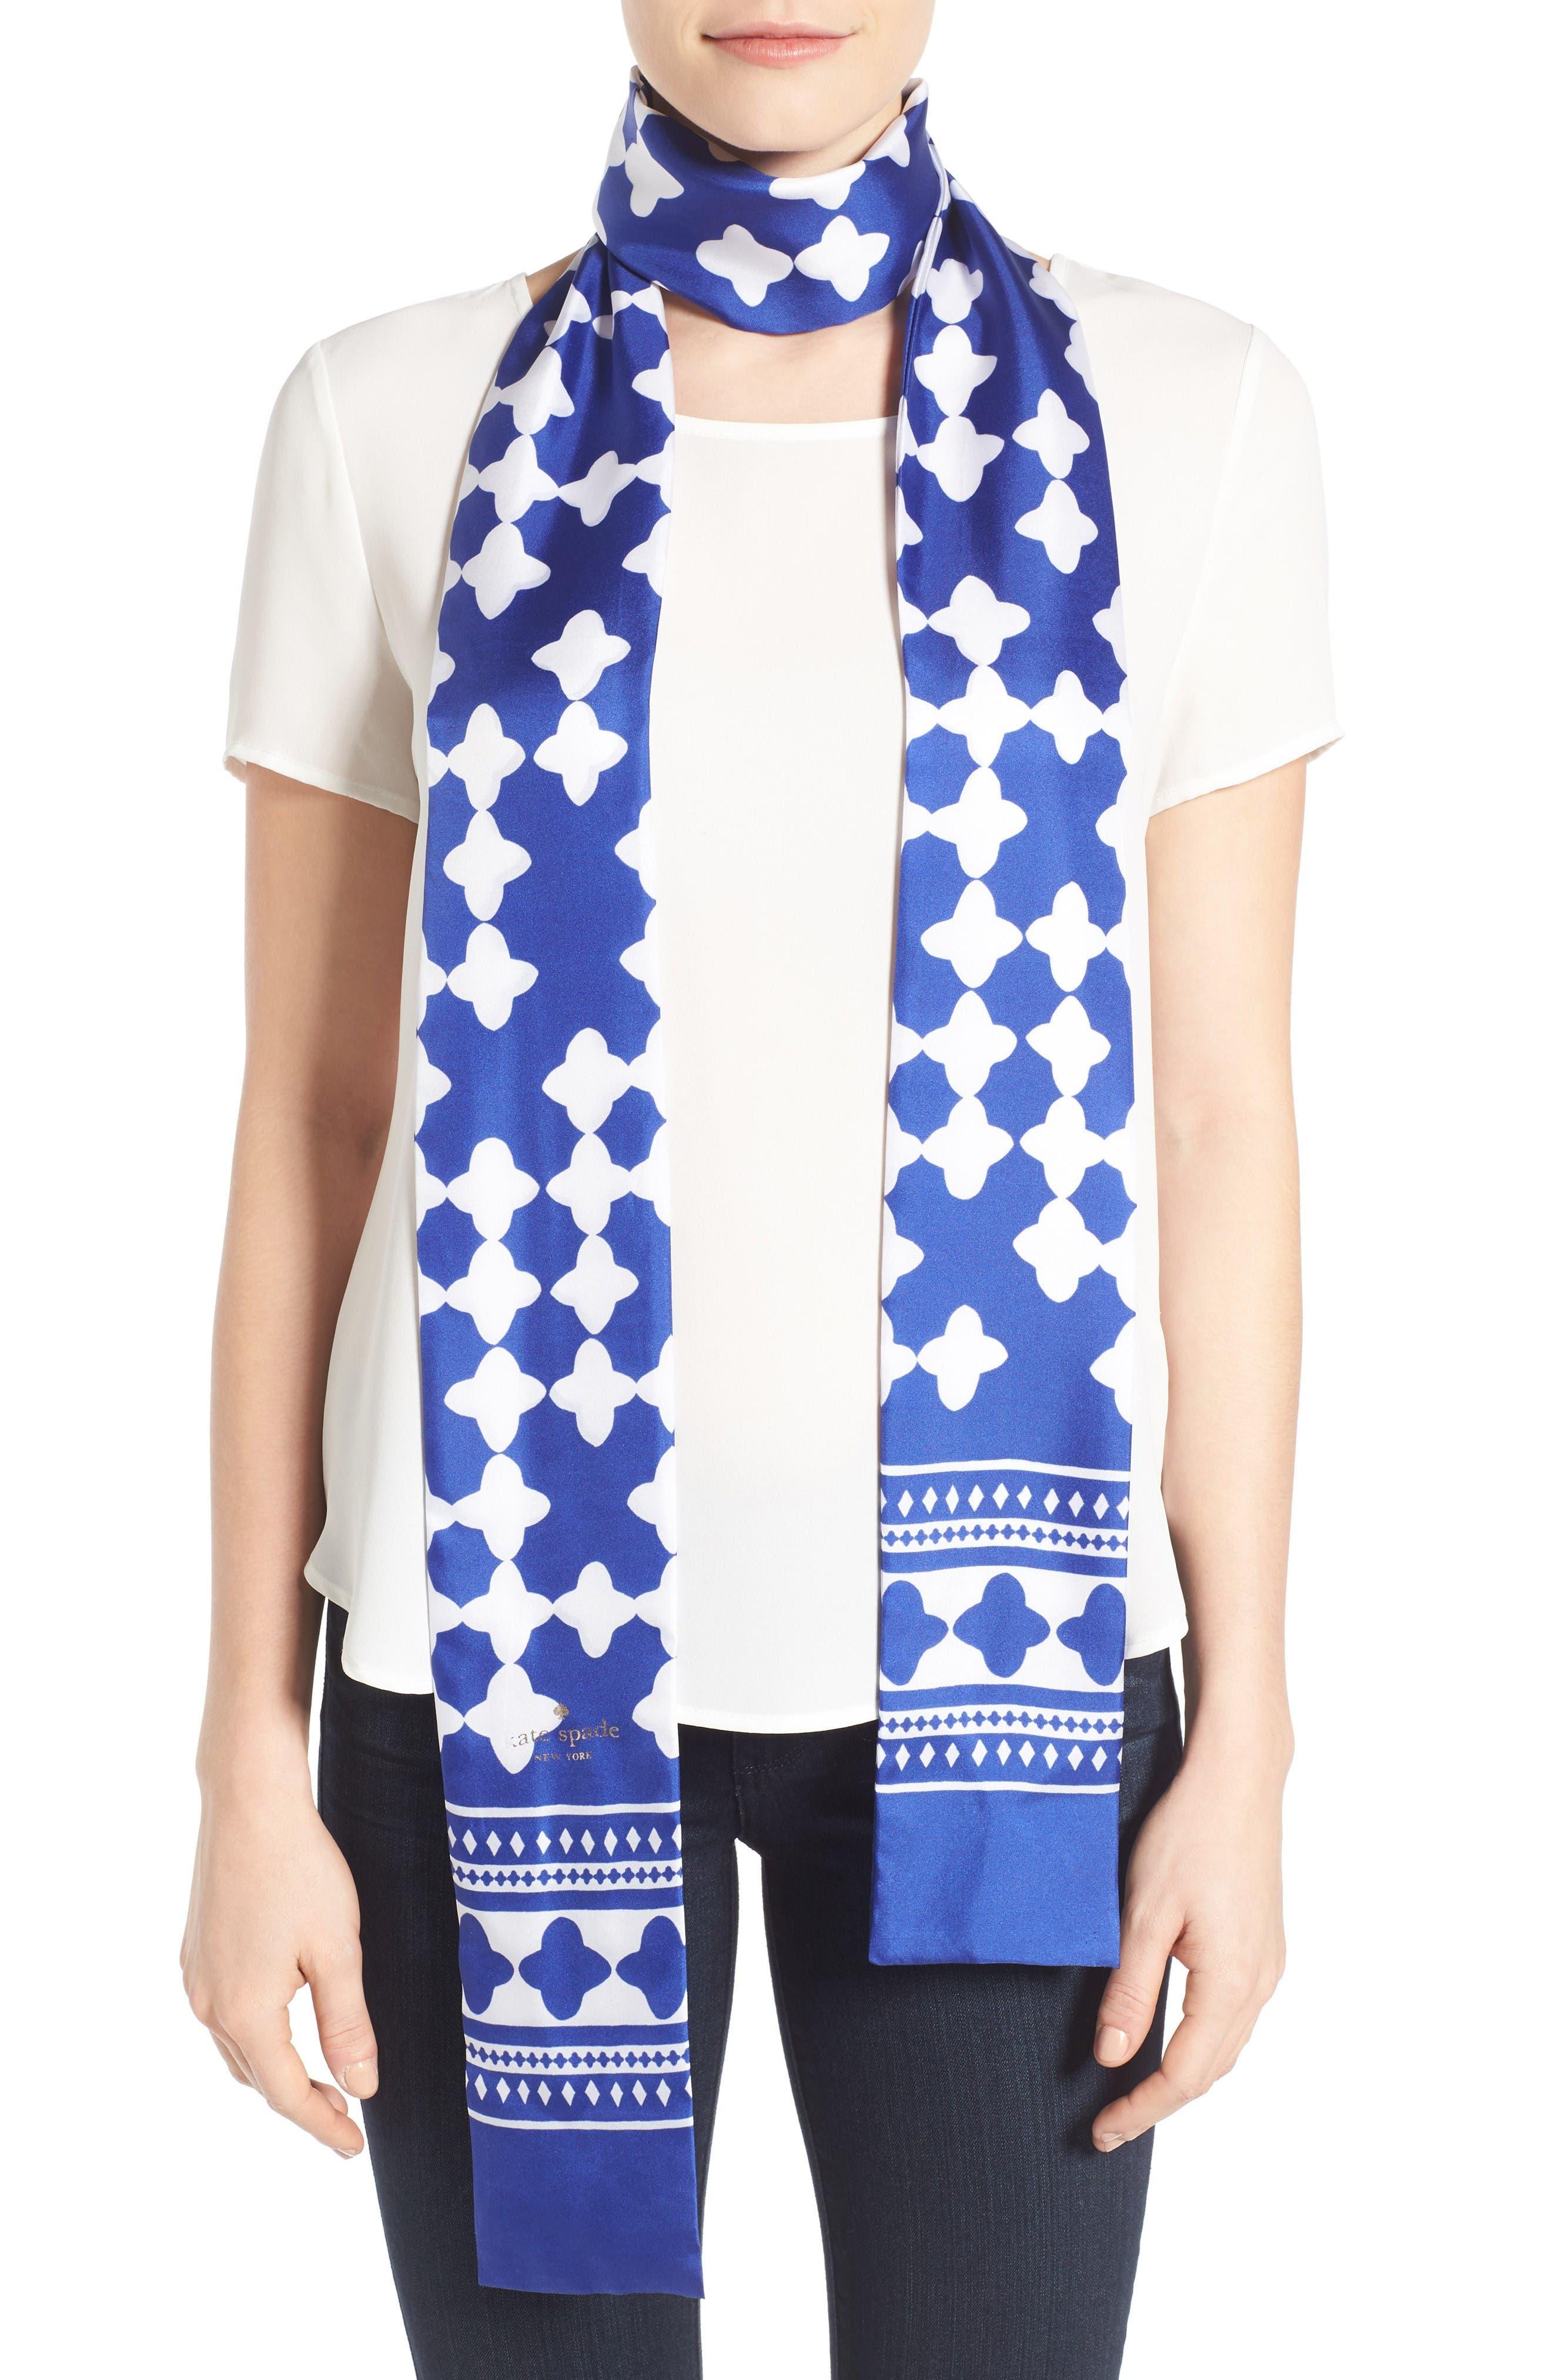 KATE SPADE NEW YORK lantern long skinny scarf